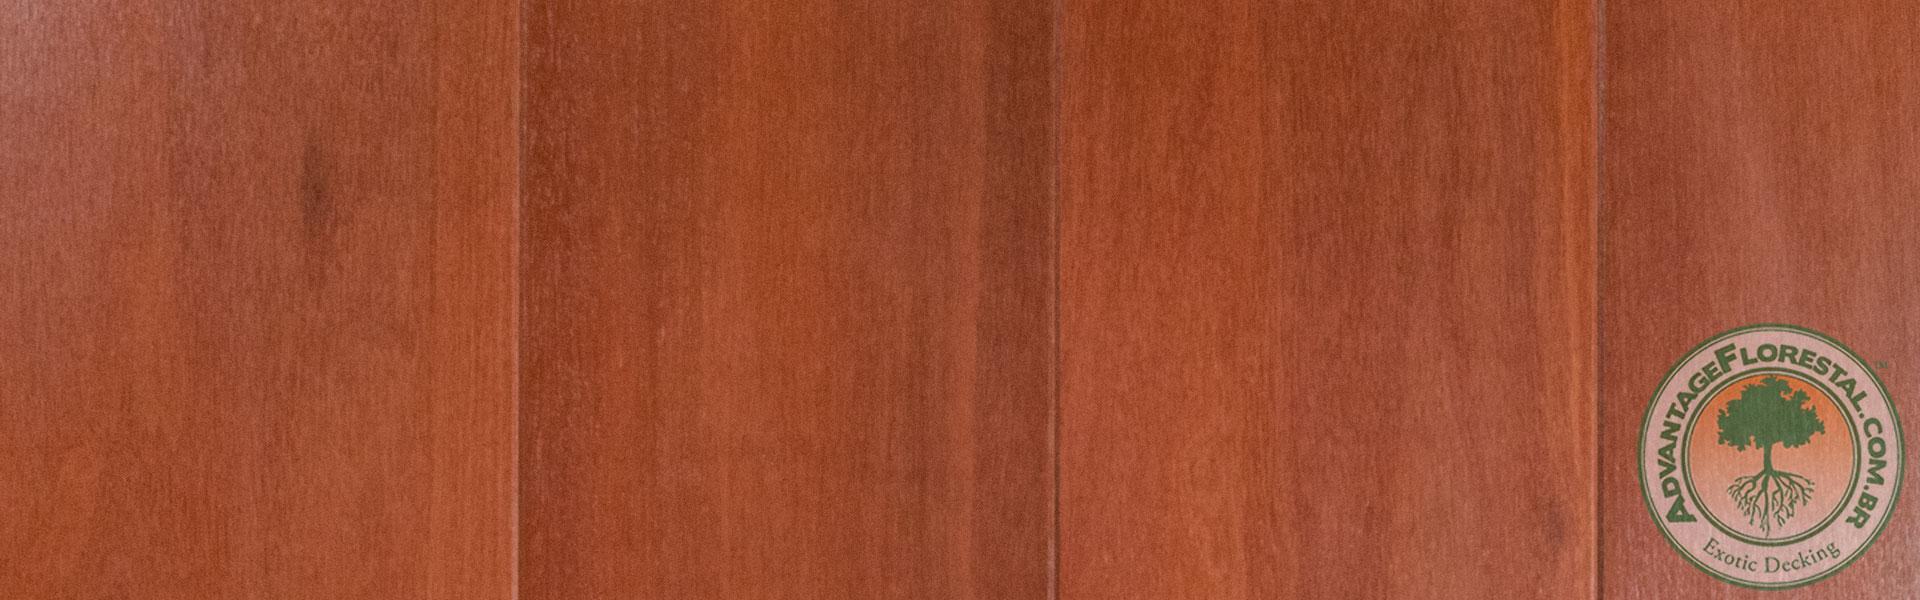 Wholesale Massaranduba Hardwood Flooring